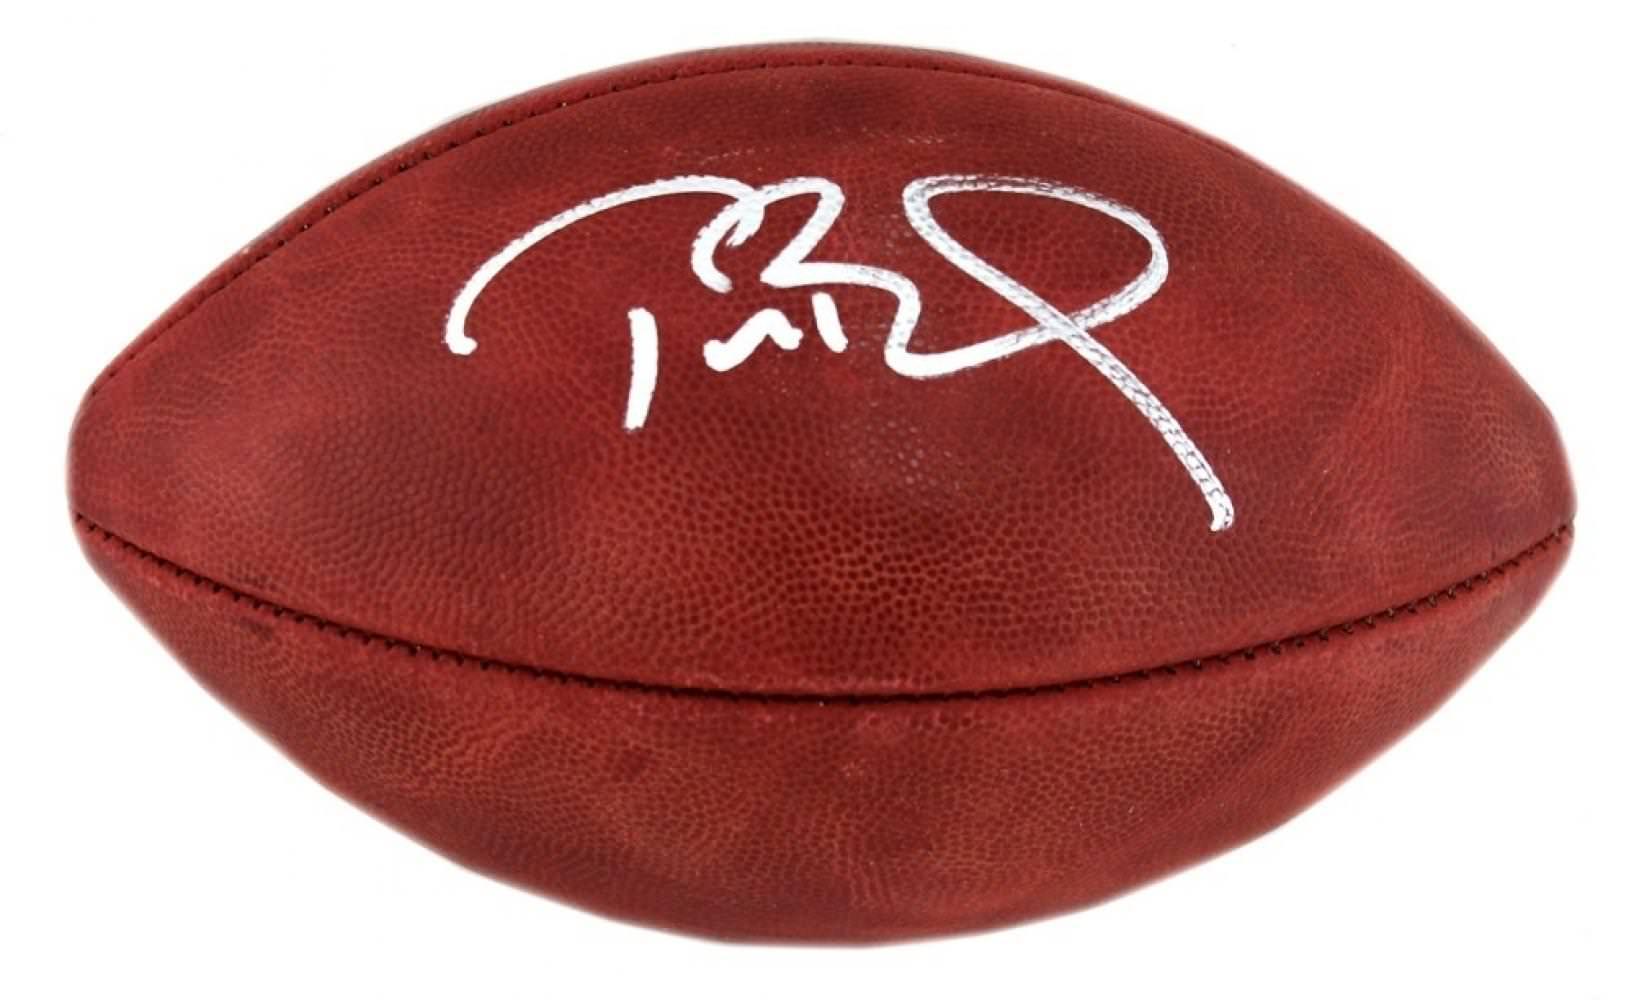 Tom Brady auto Duke football